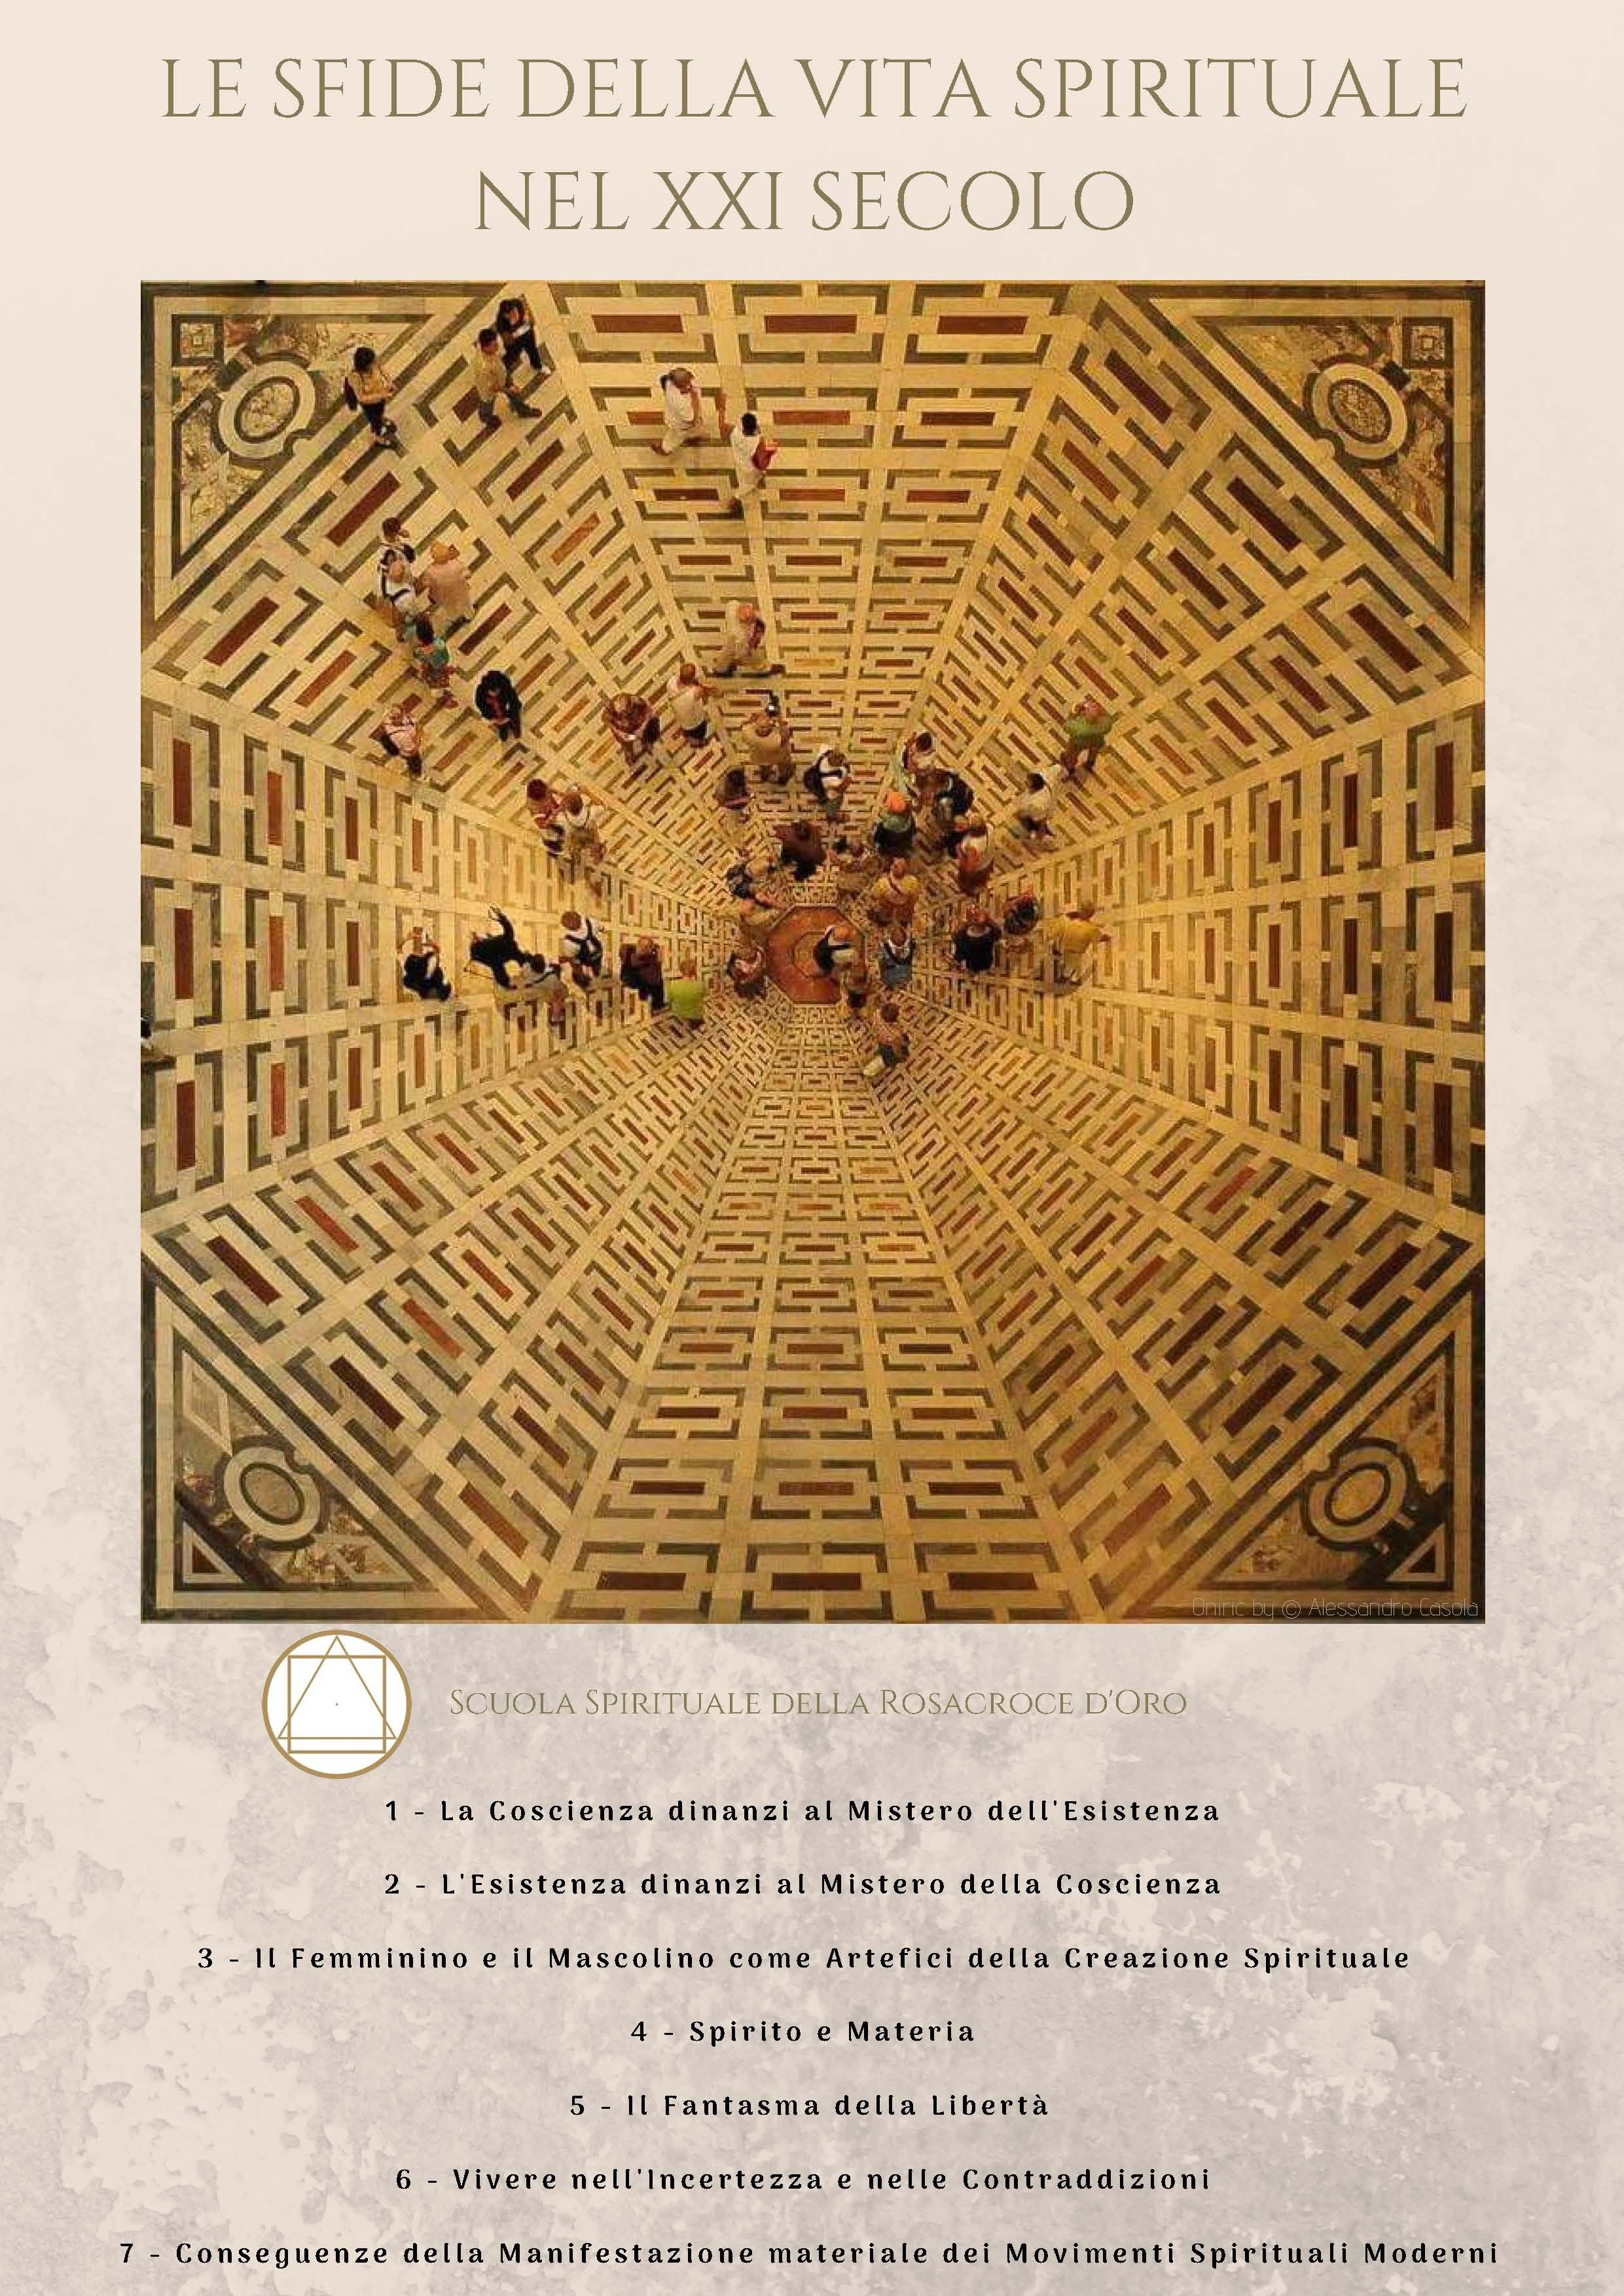 LE SFIDE DELLA VITA SPIRITUALE DEL XXI SECOLO – L'Esistenza dinanzi al Mistero della Coscienza